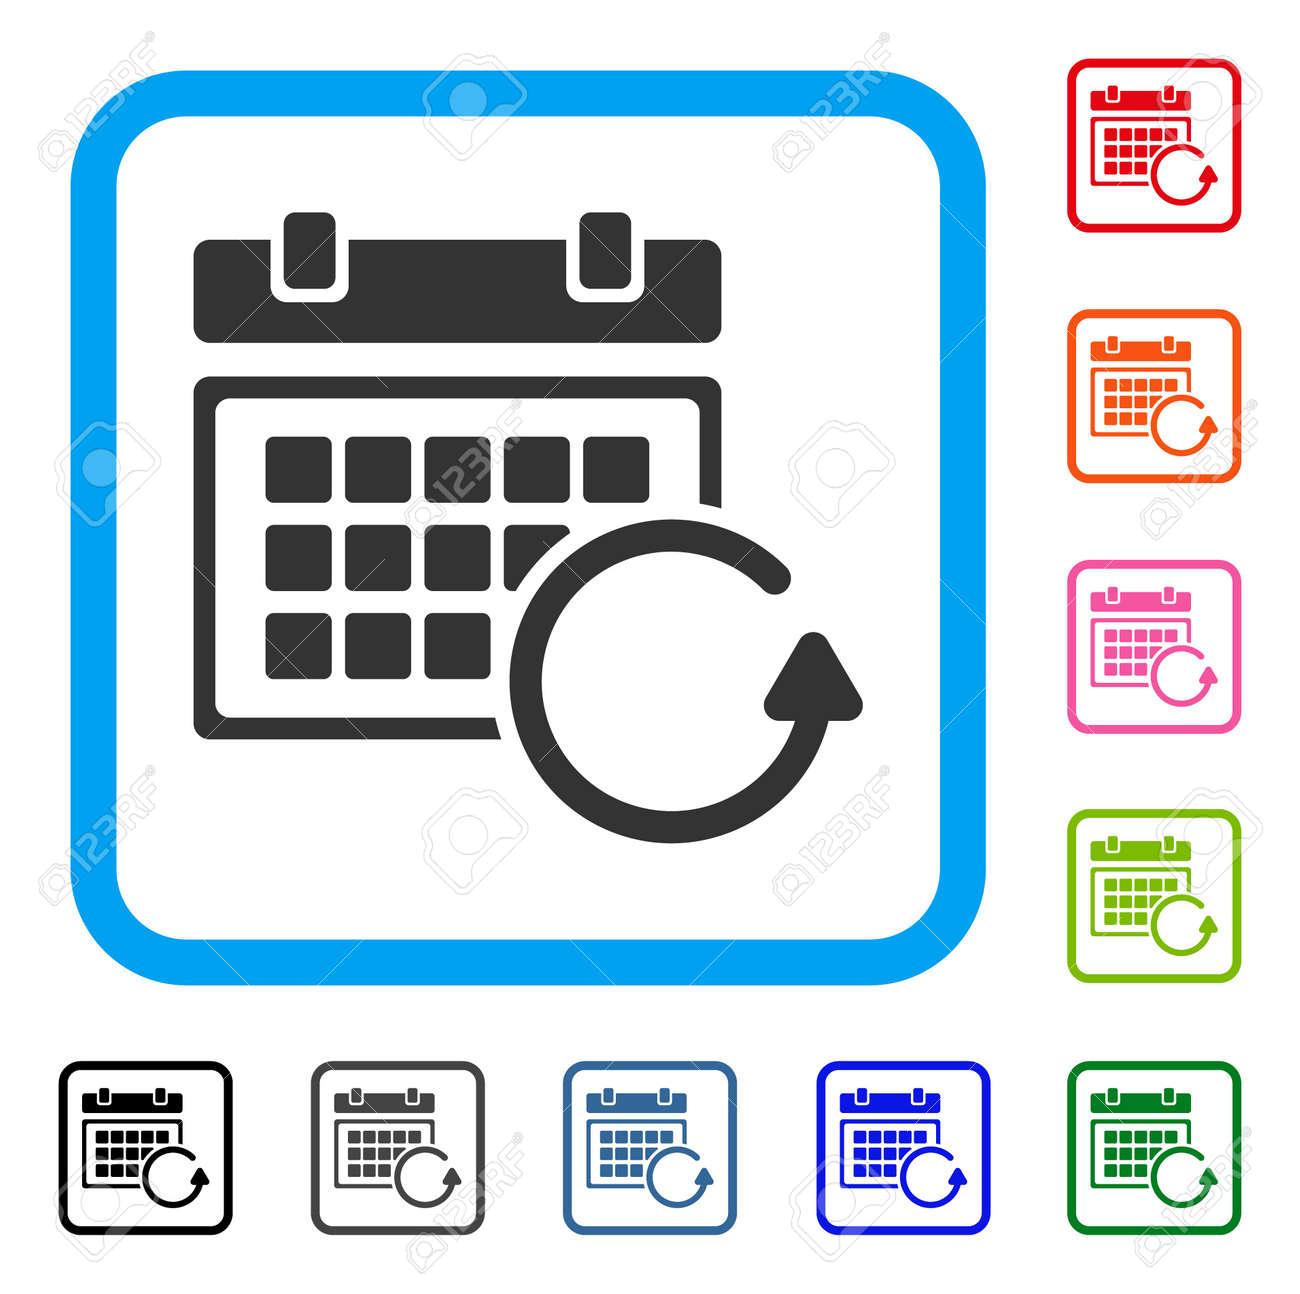 Actualizar Calendario.Actualizar El Icono Del Calendario Simbolo Iconico Gris Plano Dentro De Un Rectangulo Redondeado Azul Claro Variantes De Color Negro Gris Verde